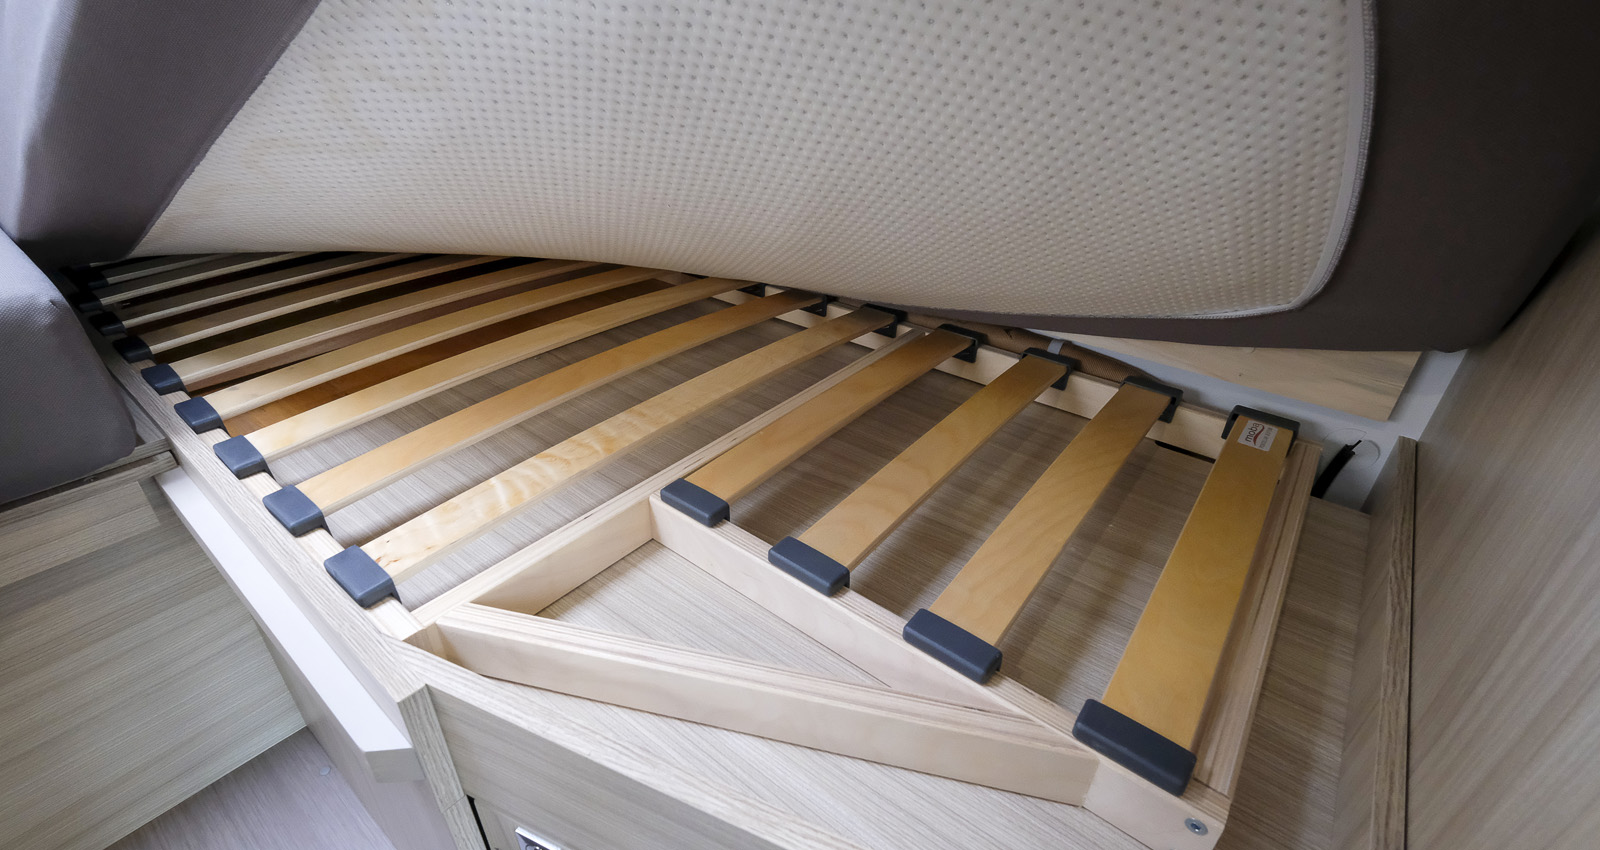 Bekväma Luxe-madrasser vilar på ribbor som ger ventilation.